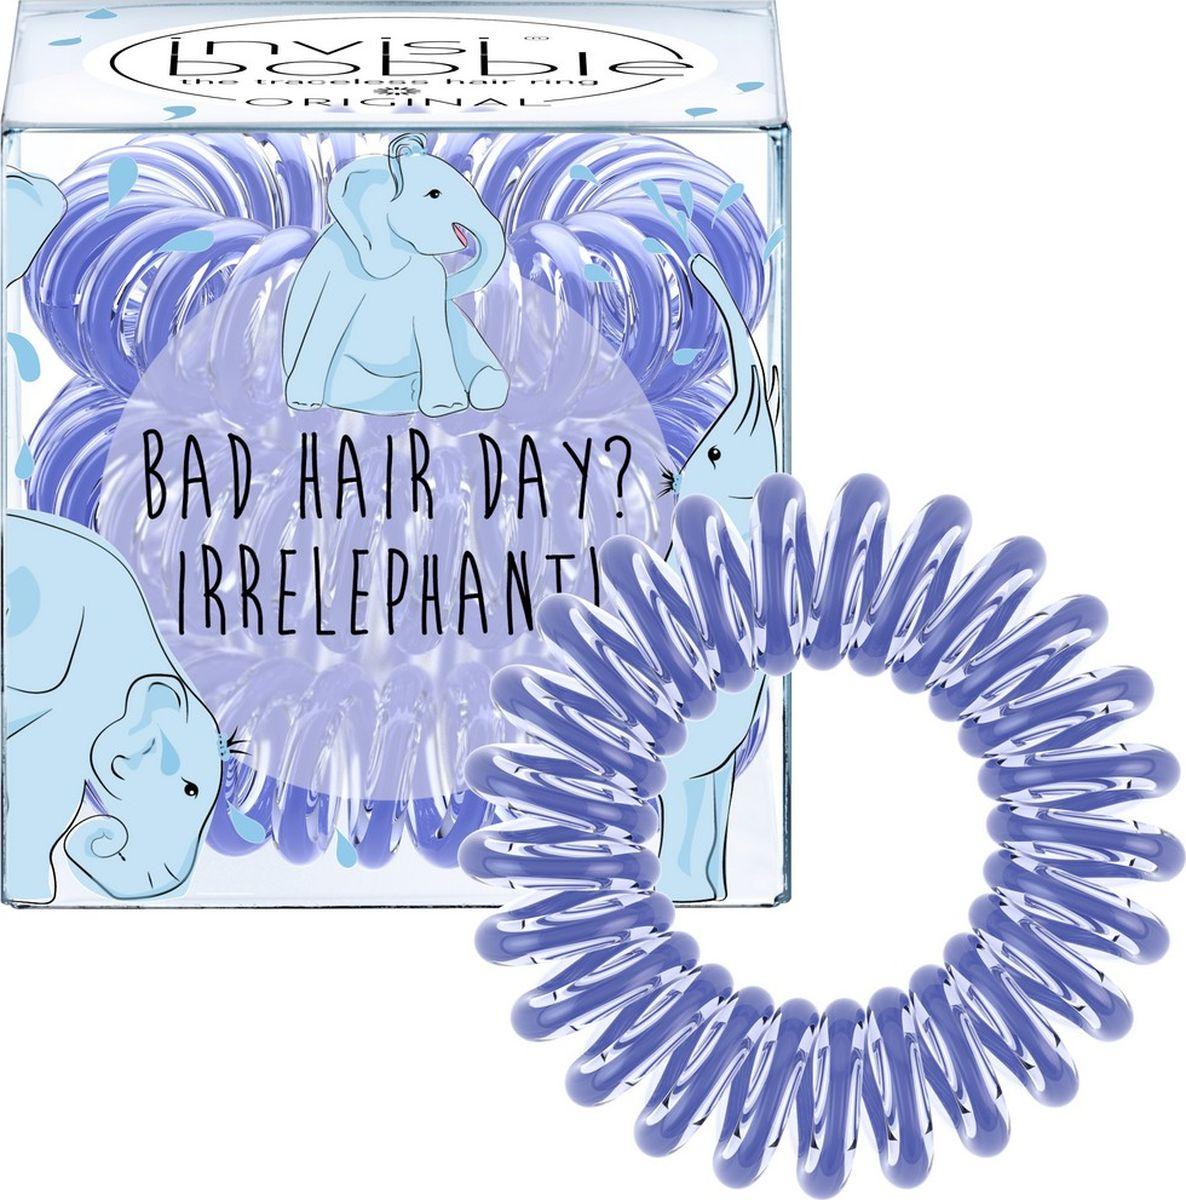 Invisibobble Резинка-браслет для волос ORIGINAL Bad Hair Day? Irrelephant!3075Резинки-браслеты invisibobble ORIGINAL Bad Hair Day? Irrelephant! василькового цвета из лимитированной тематической коллекции invisibobble Circus. Эксклюзивная упаковка с изображением Симпатяги-слона подарит яркое фестивальное настроение! Резинки invisibobble подходят для всех типов волос, надежно фиксируют прическу, не оставляют заломы и не вызывают головную боль благодаря неравномерному распределению давления на волосы. Кроме того, они не намокают и не вызывают аллергию при контакте с кожей, поскольку изготовлены из искусственной смолы.